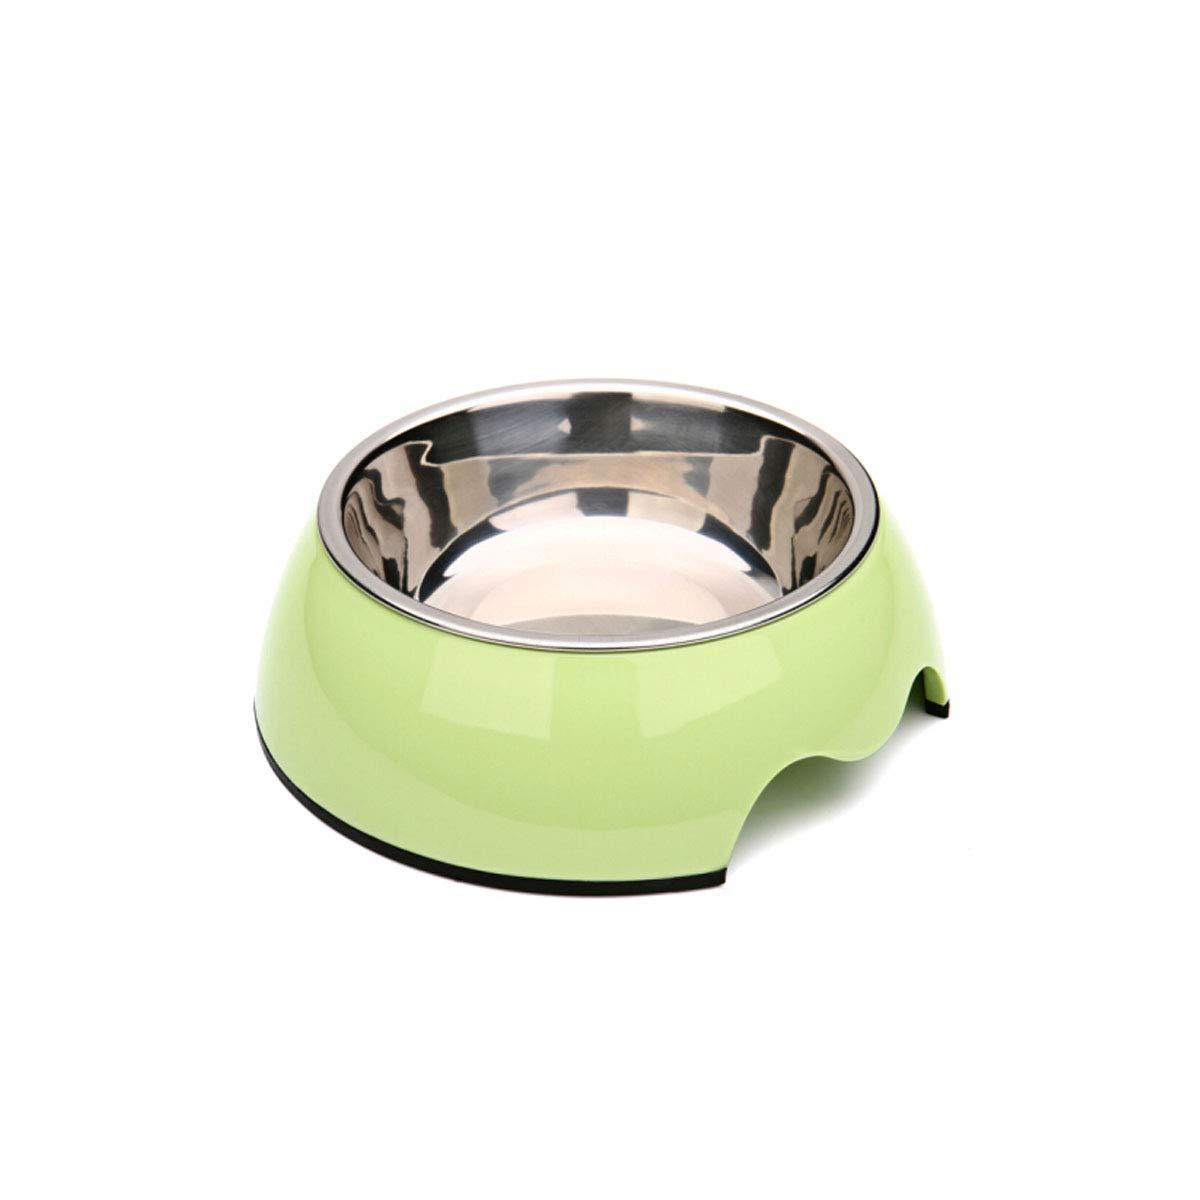 bluee L large bluee L large Xionghaizi Pet Supplies, Stainless Steel Detachable Dog Bowl, Cat Bowl, Paint Non-Slip Pet Dog Bowl, Food Bowl (color   bluee, Size   L Large)